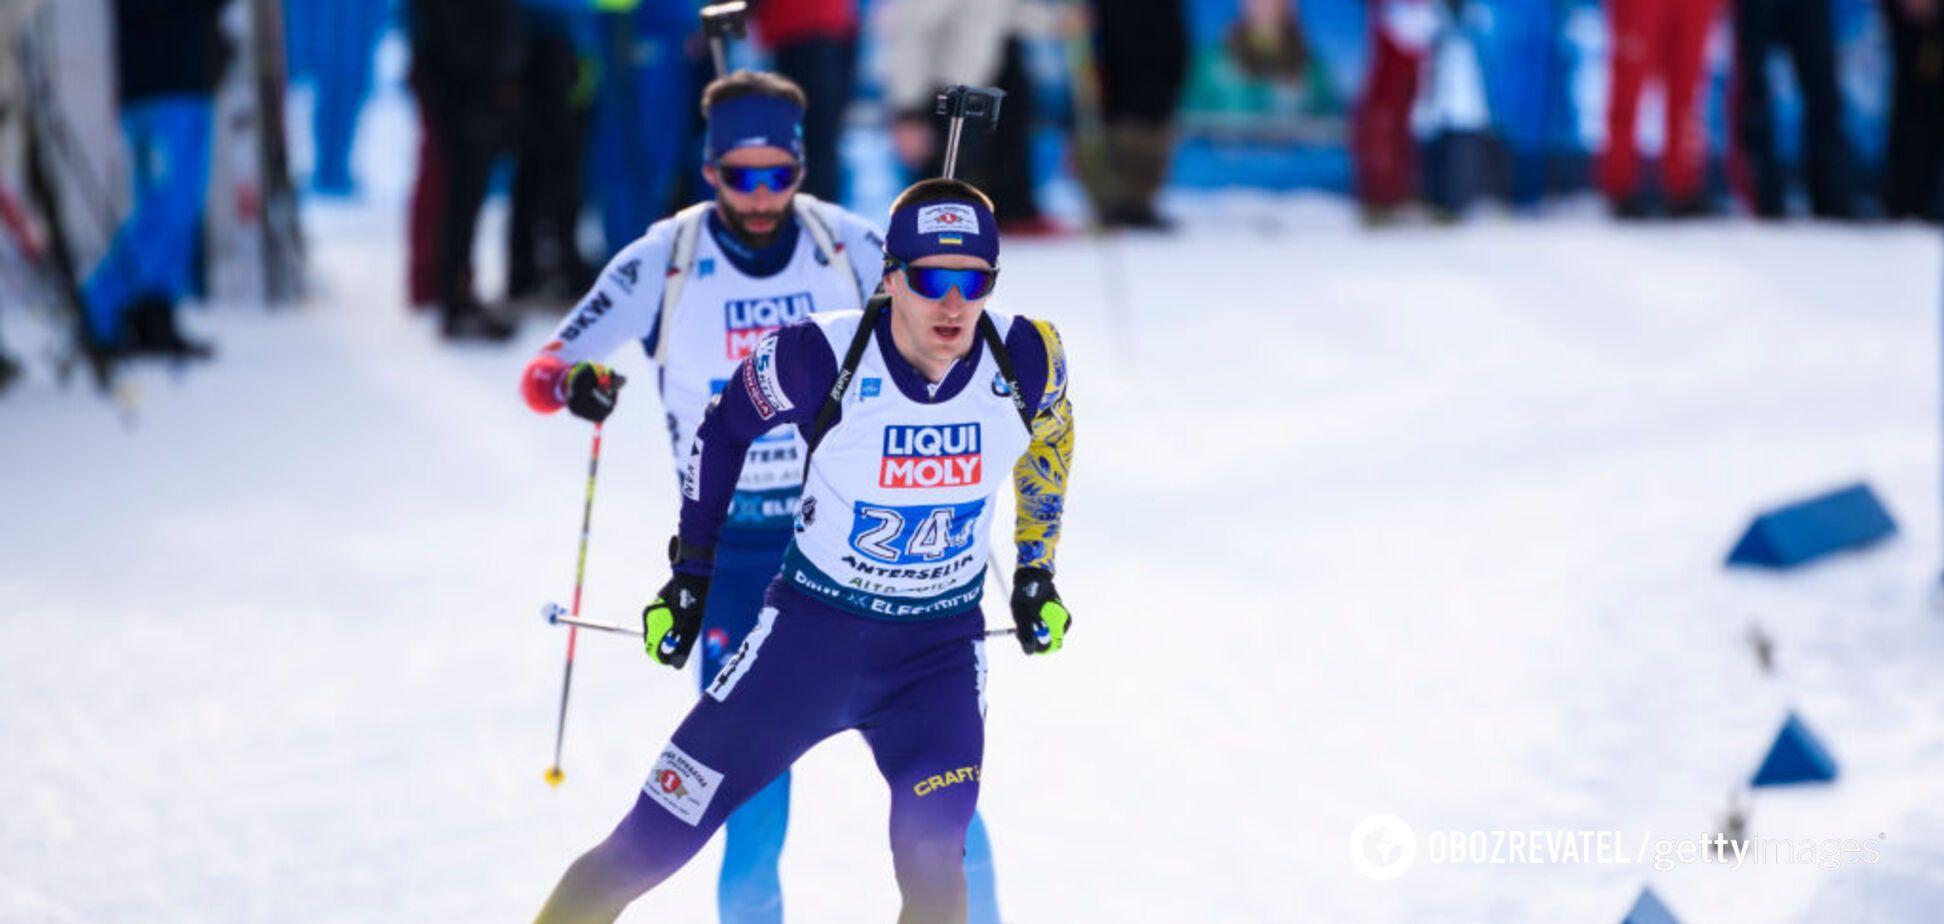 Дмитрий Пидручный на чемпионате мира по биатлону